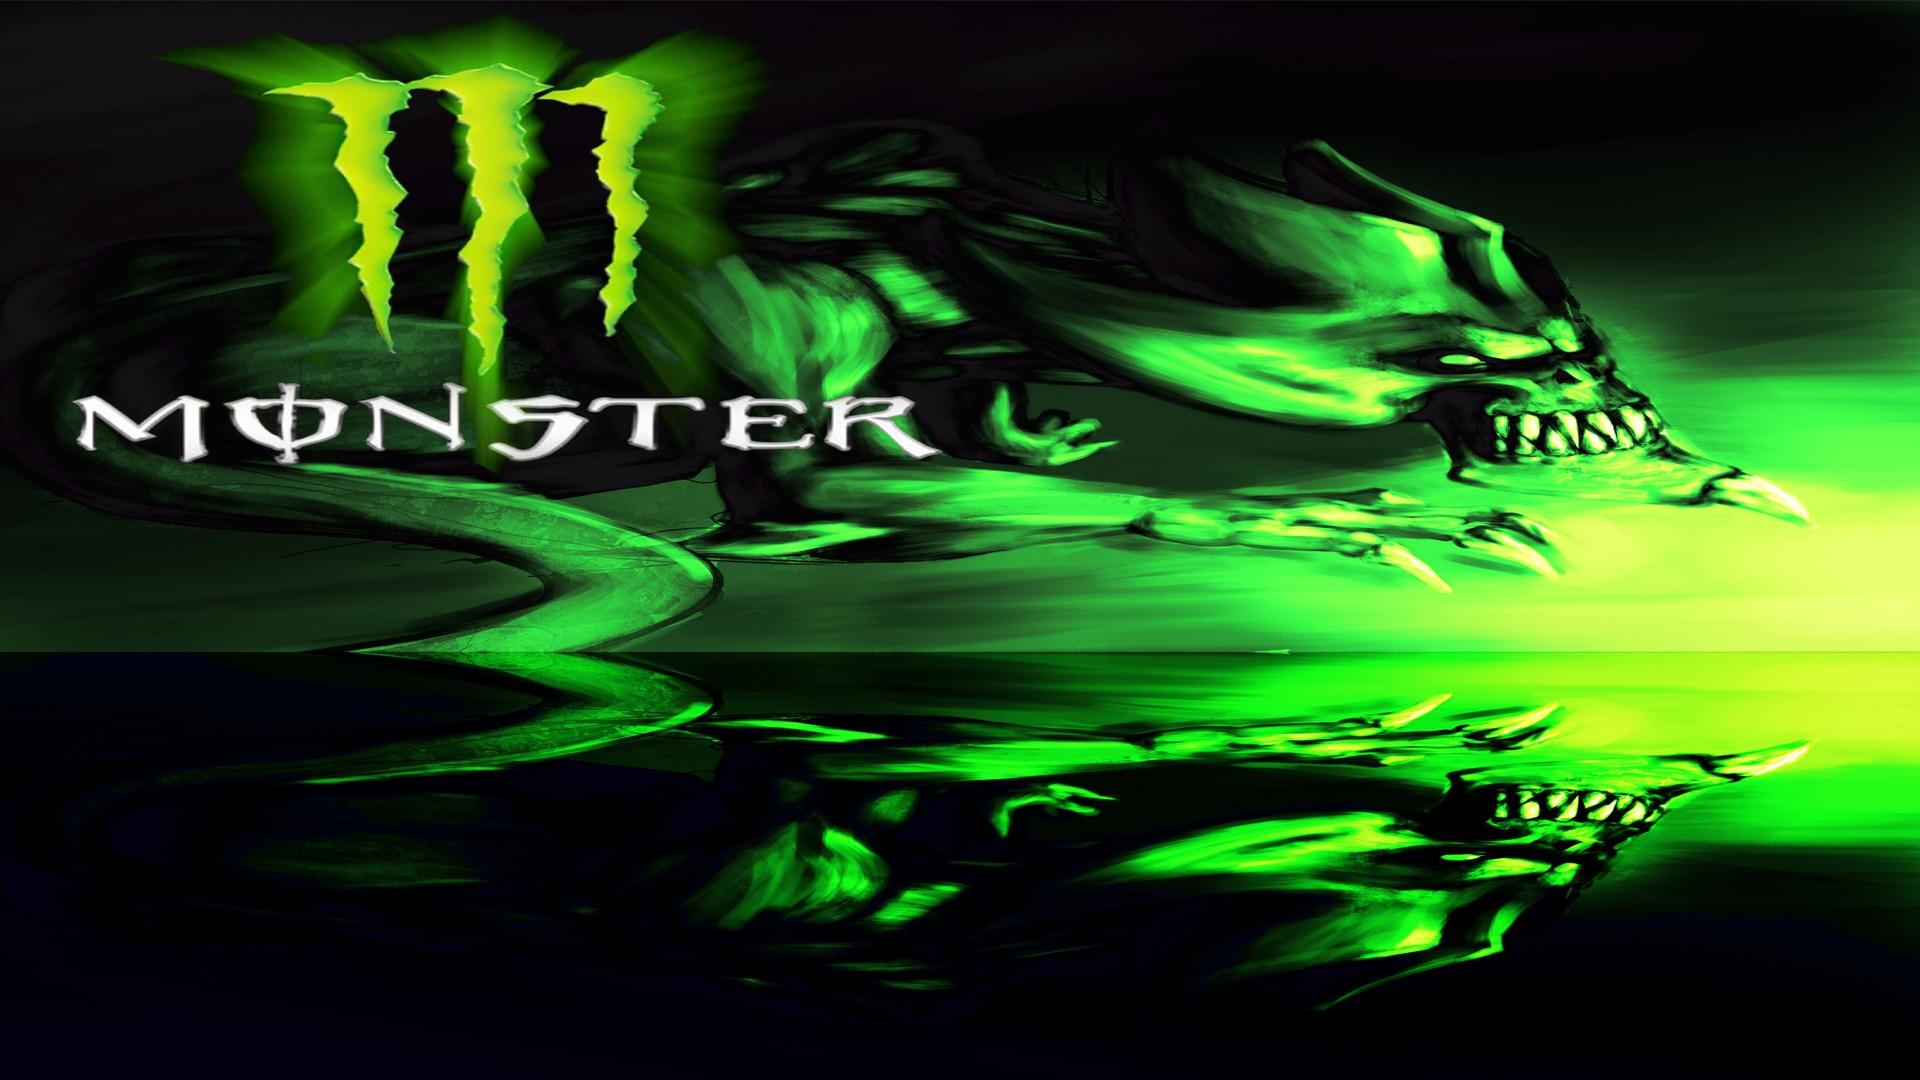 Monster energy desktop wallpaper free #6917060.